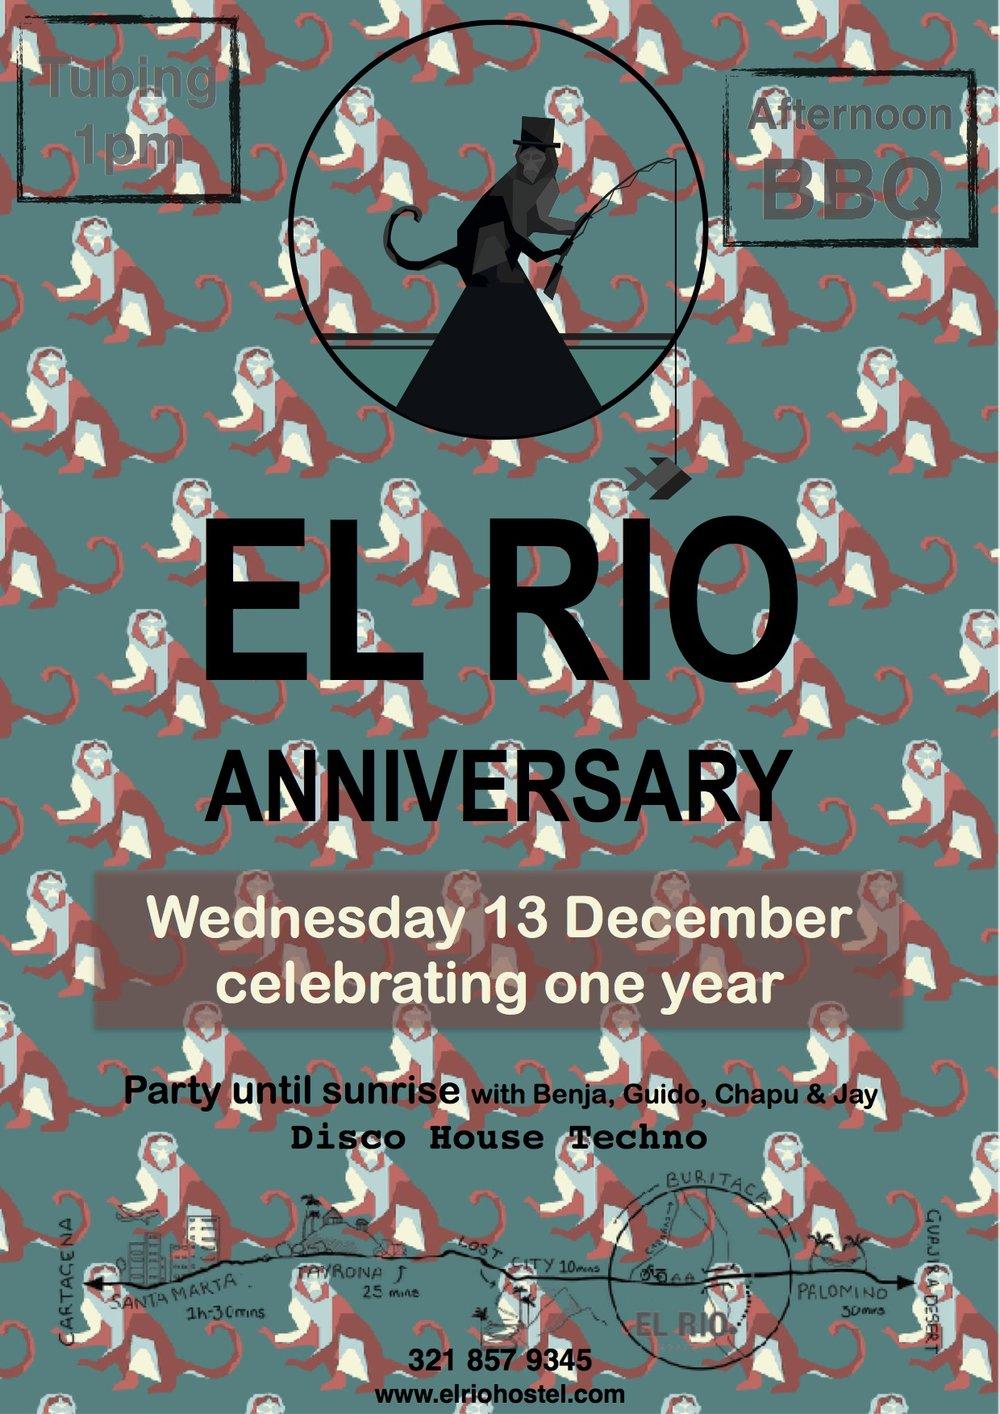 17.12.13 Anniversary Poster.jpg